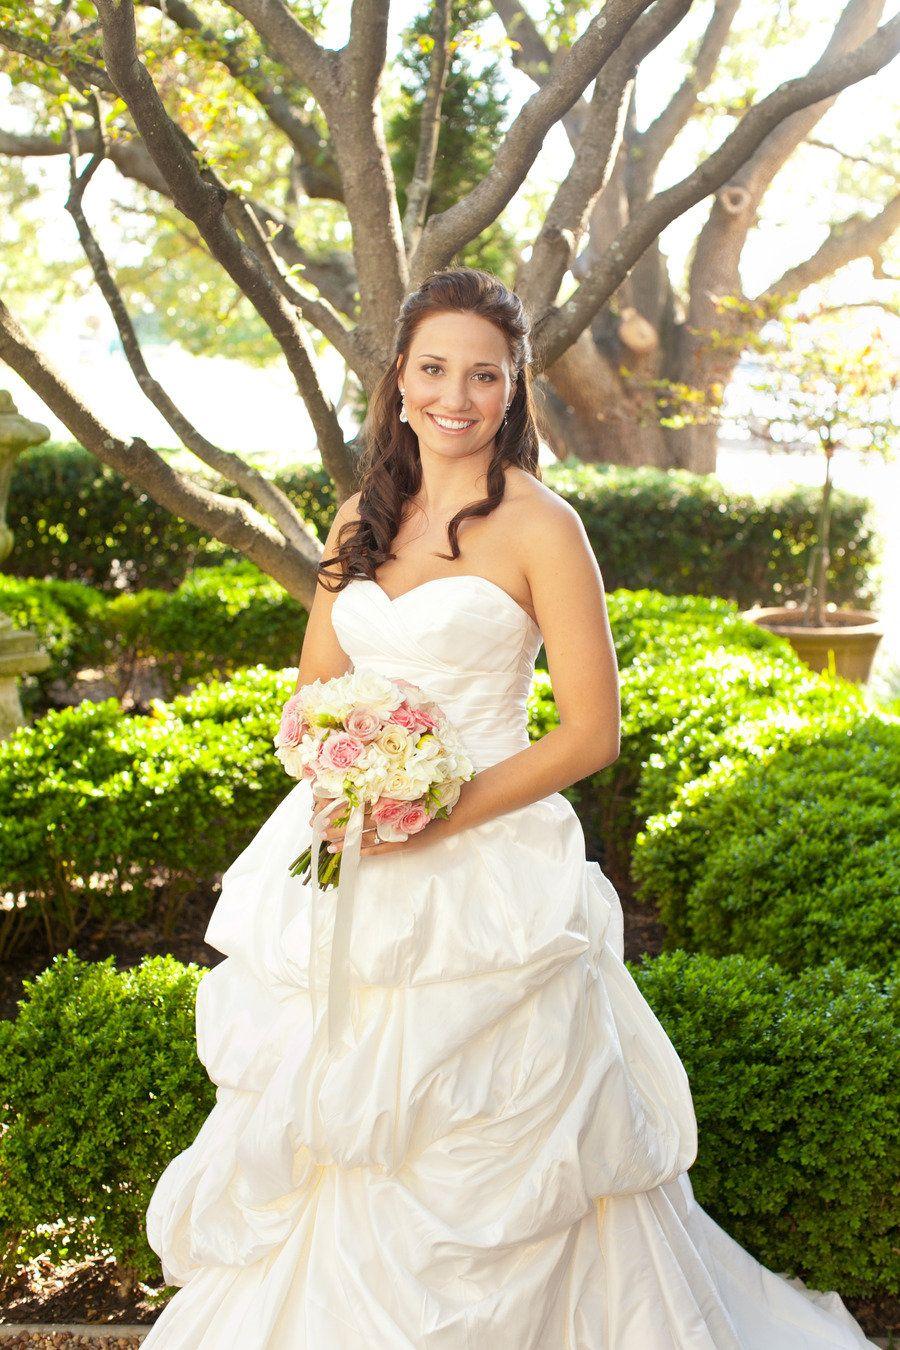 Bride + gown sure are pretty! Wedding gown designer - Anna Maier-Ulla Maija